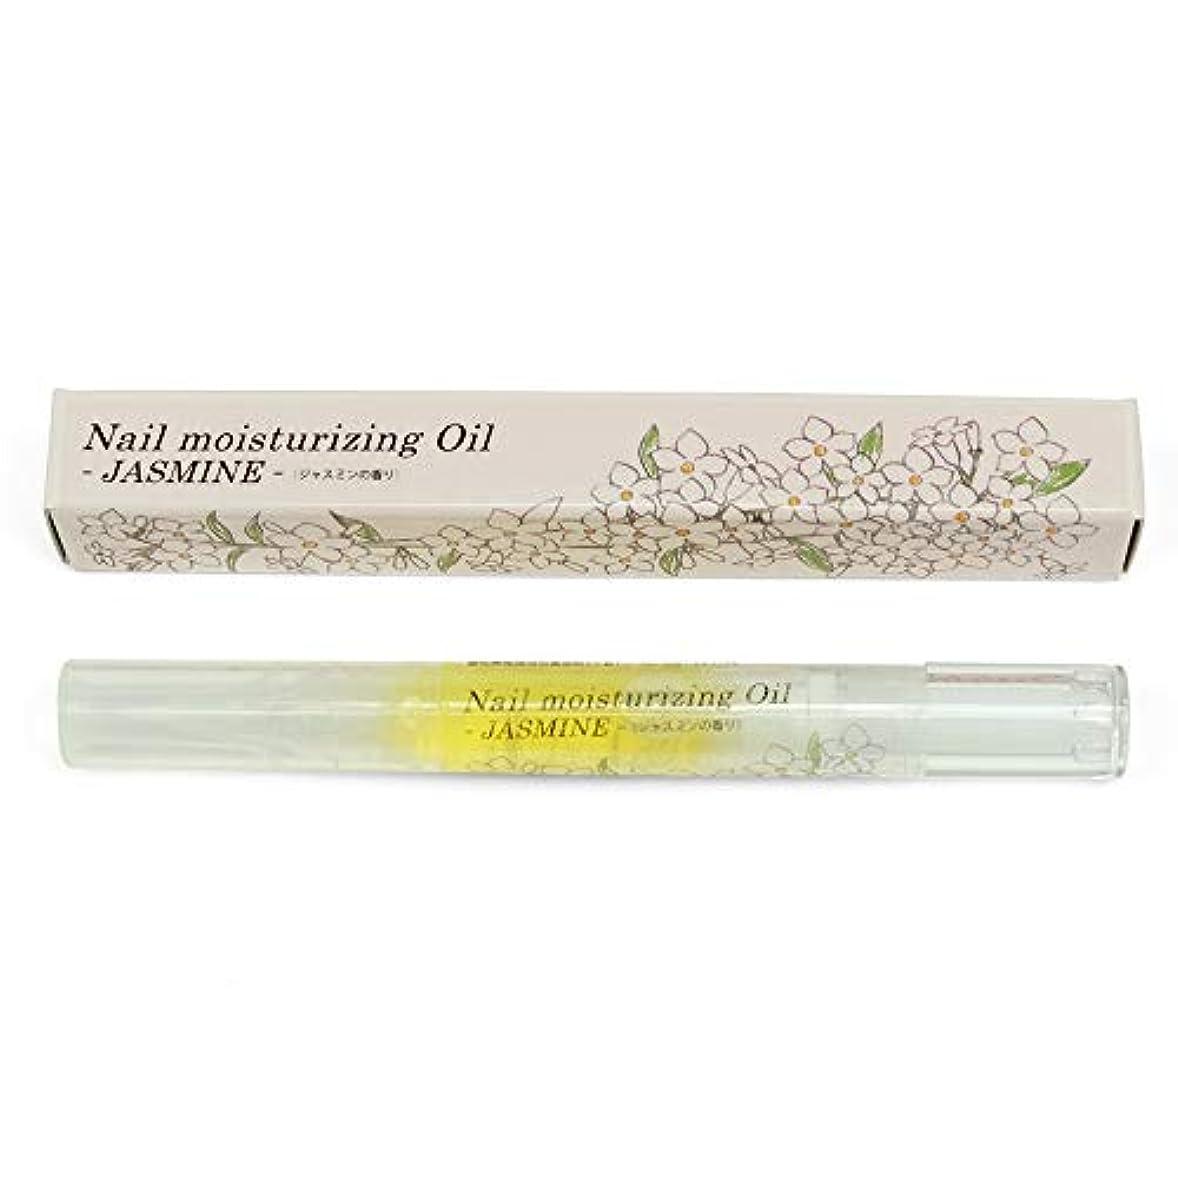 つぼみ無効にする提案ease Nail moisturizing Oil ネイルオイルペン(ジャスミンの香り) 2ml